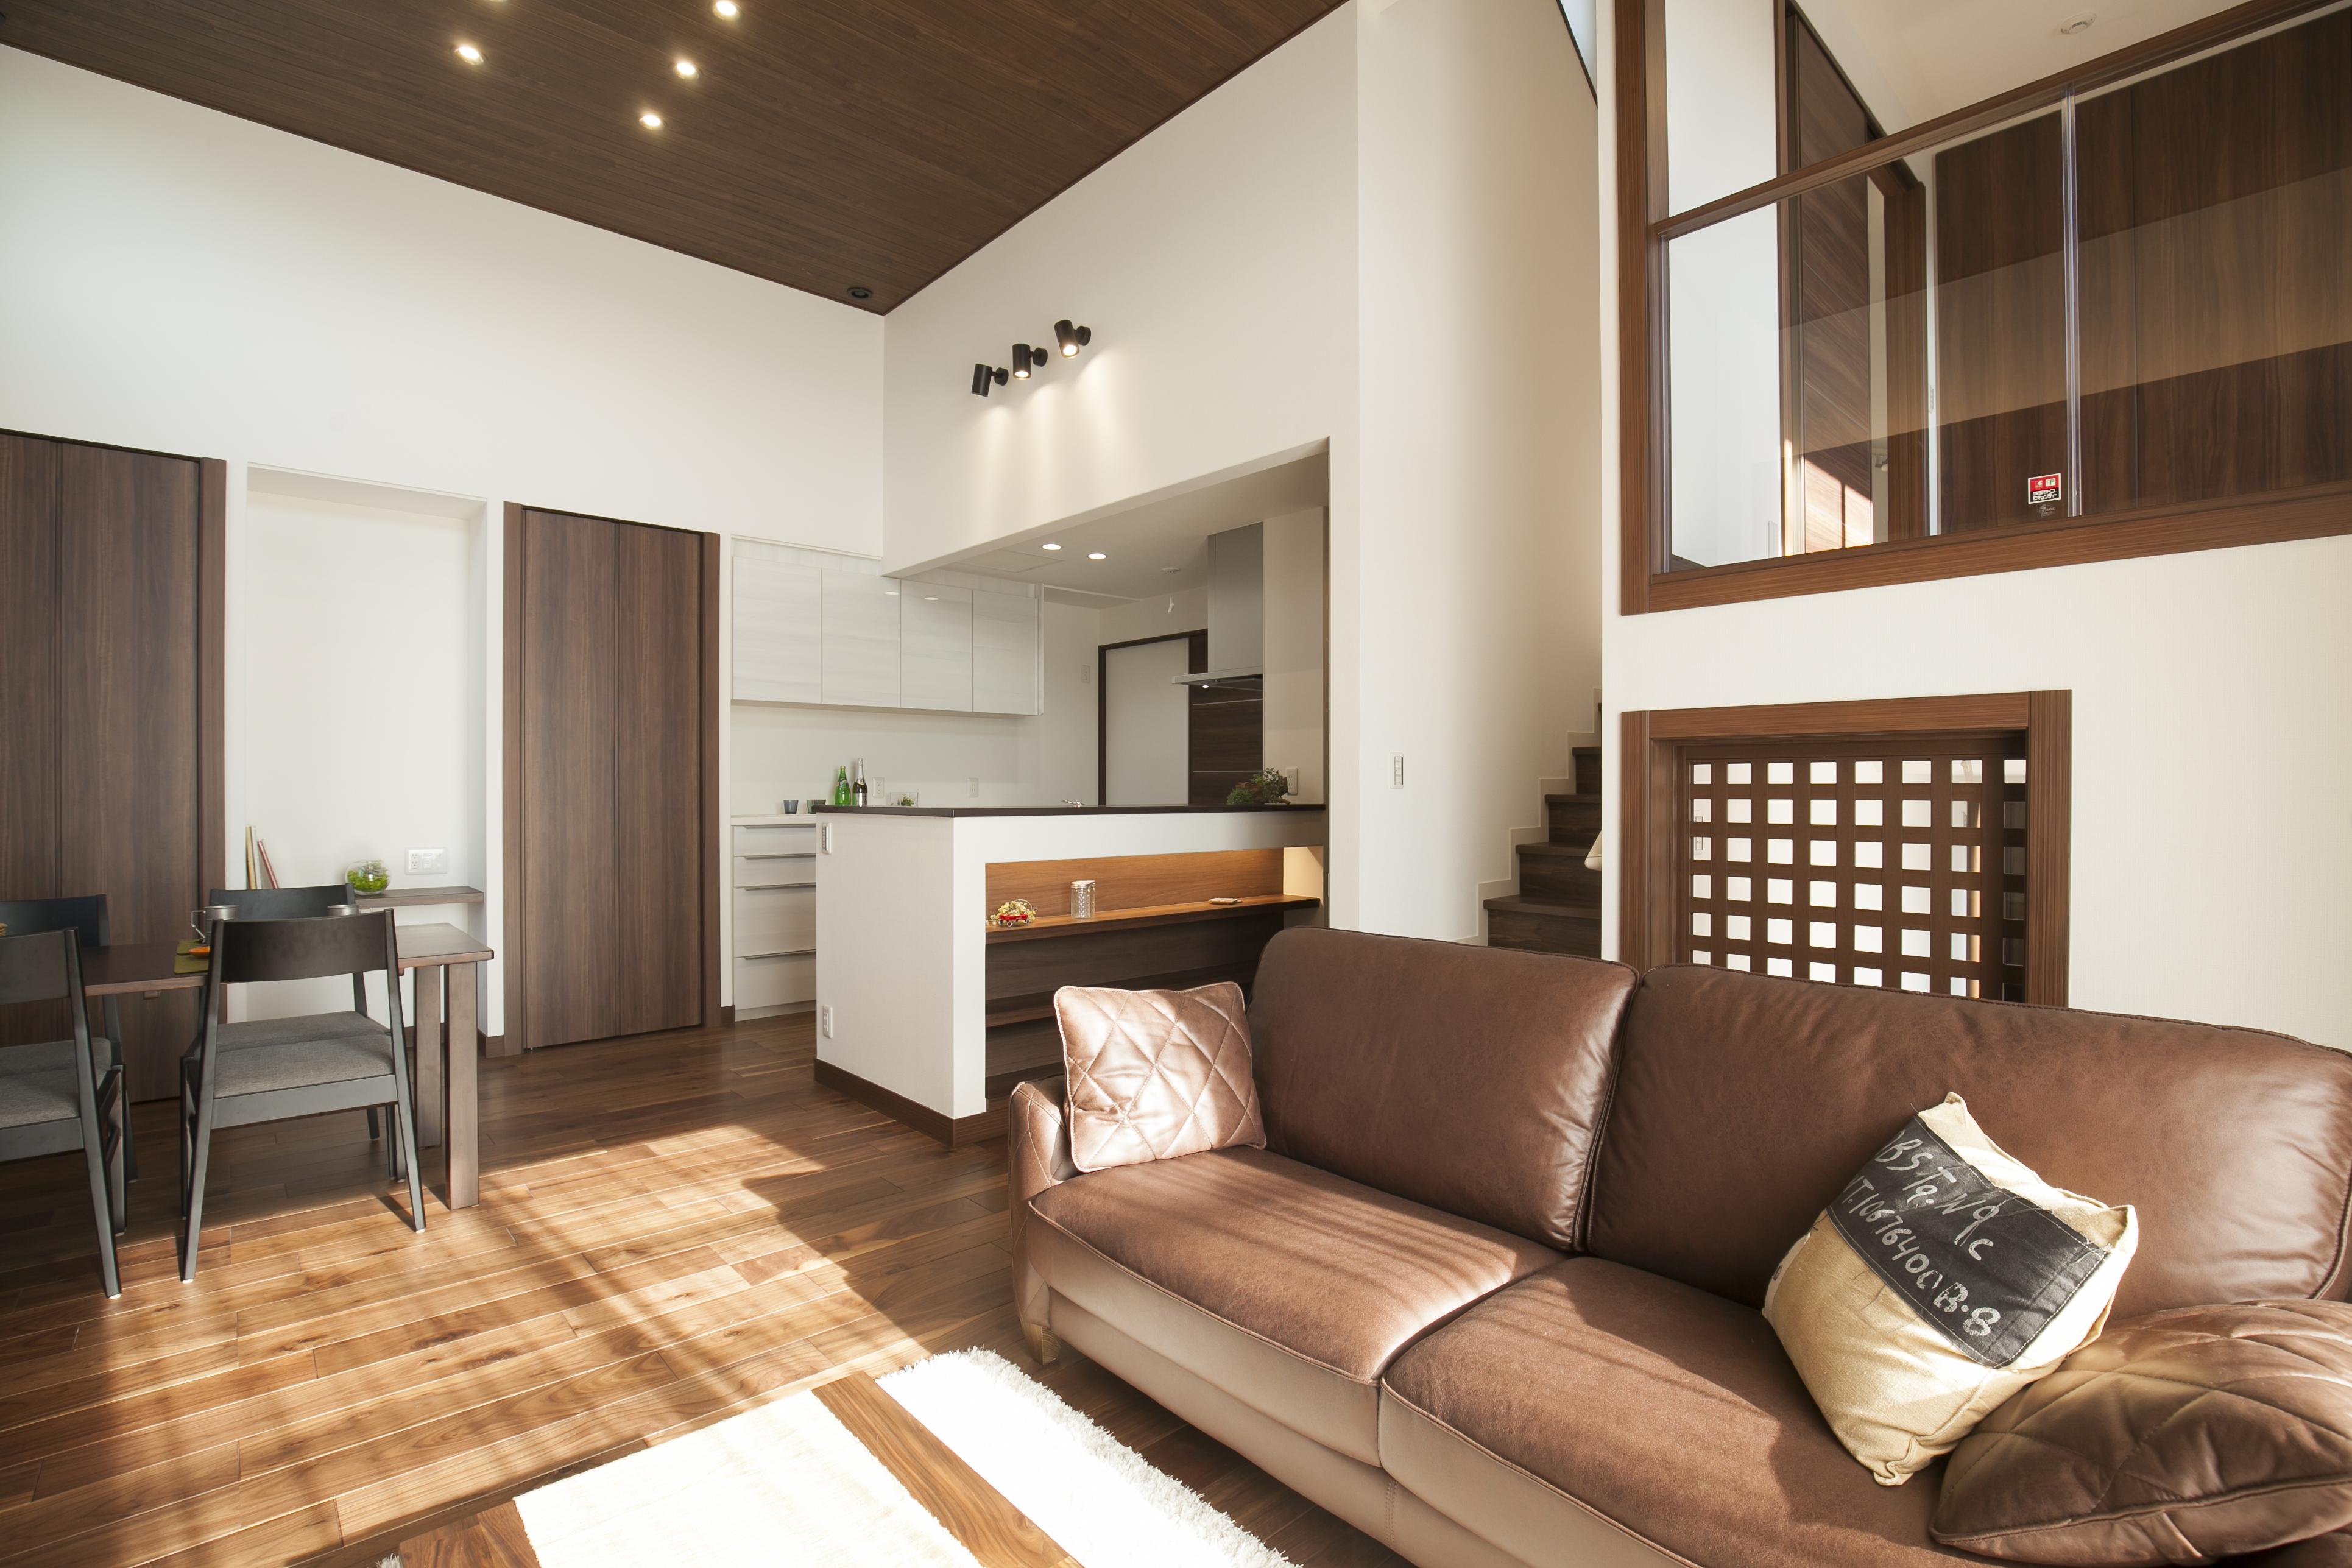 ミサワホーム静岡【デザイン住宅、収納力、スキップフロア】蔵を設けると、1層多い住まいとなり、階高は約0.5階分高くなる。この高さを利用して居室に吹き抜けを設けることが可能だ